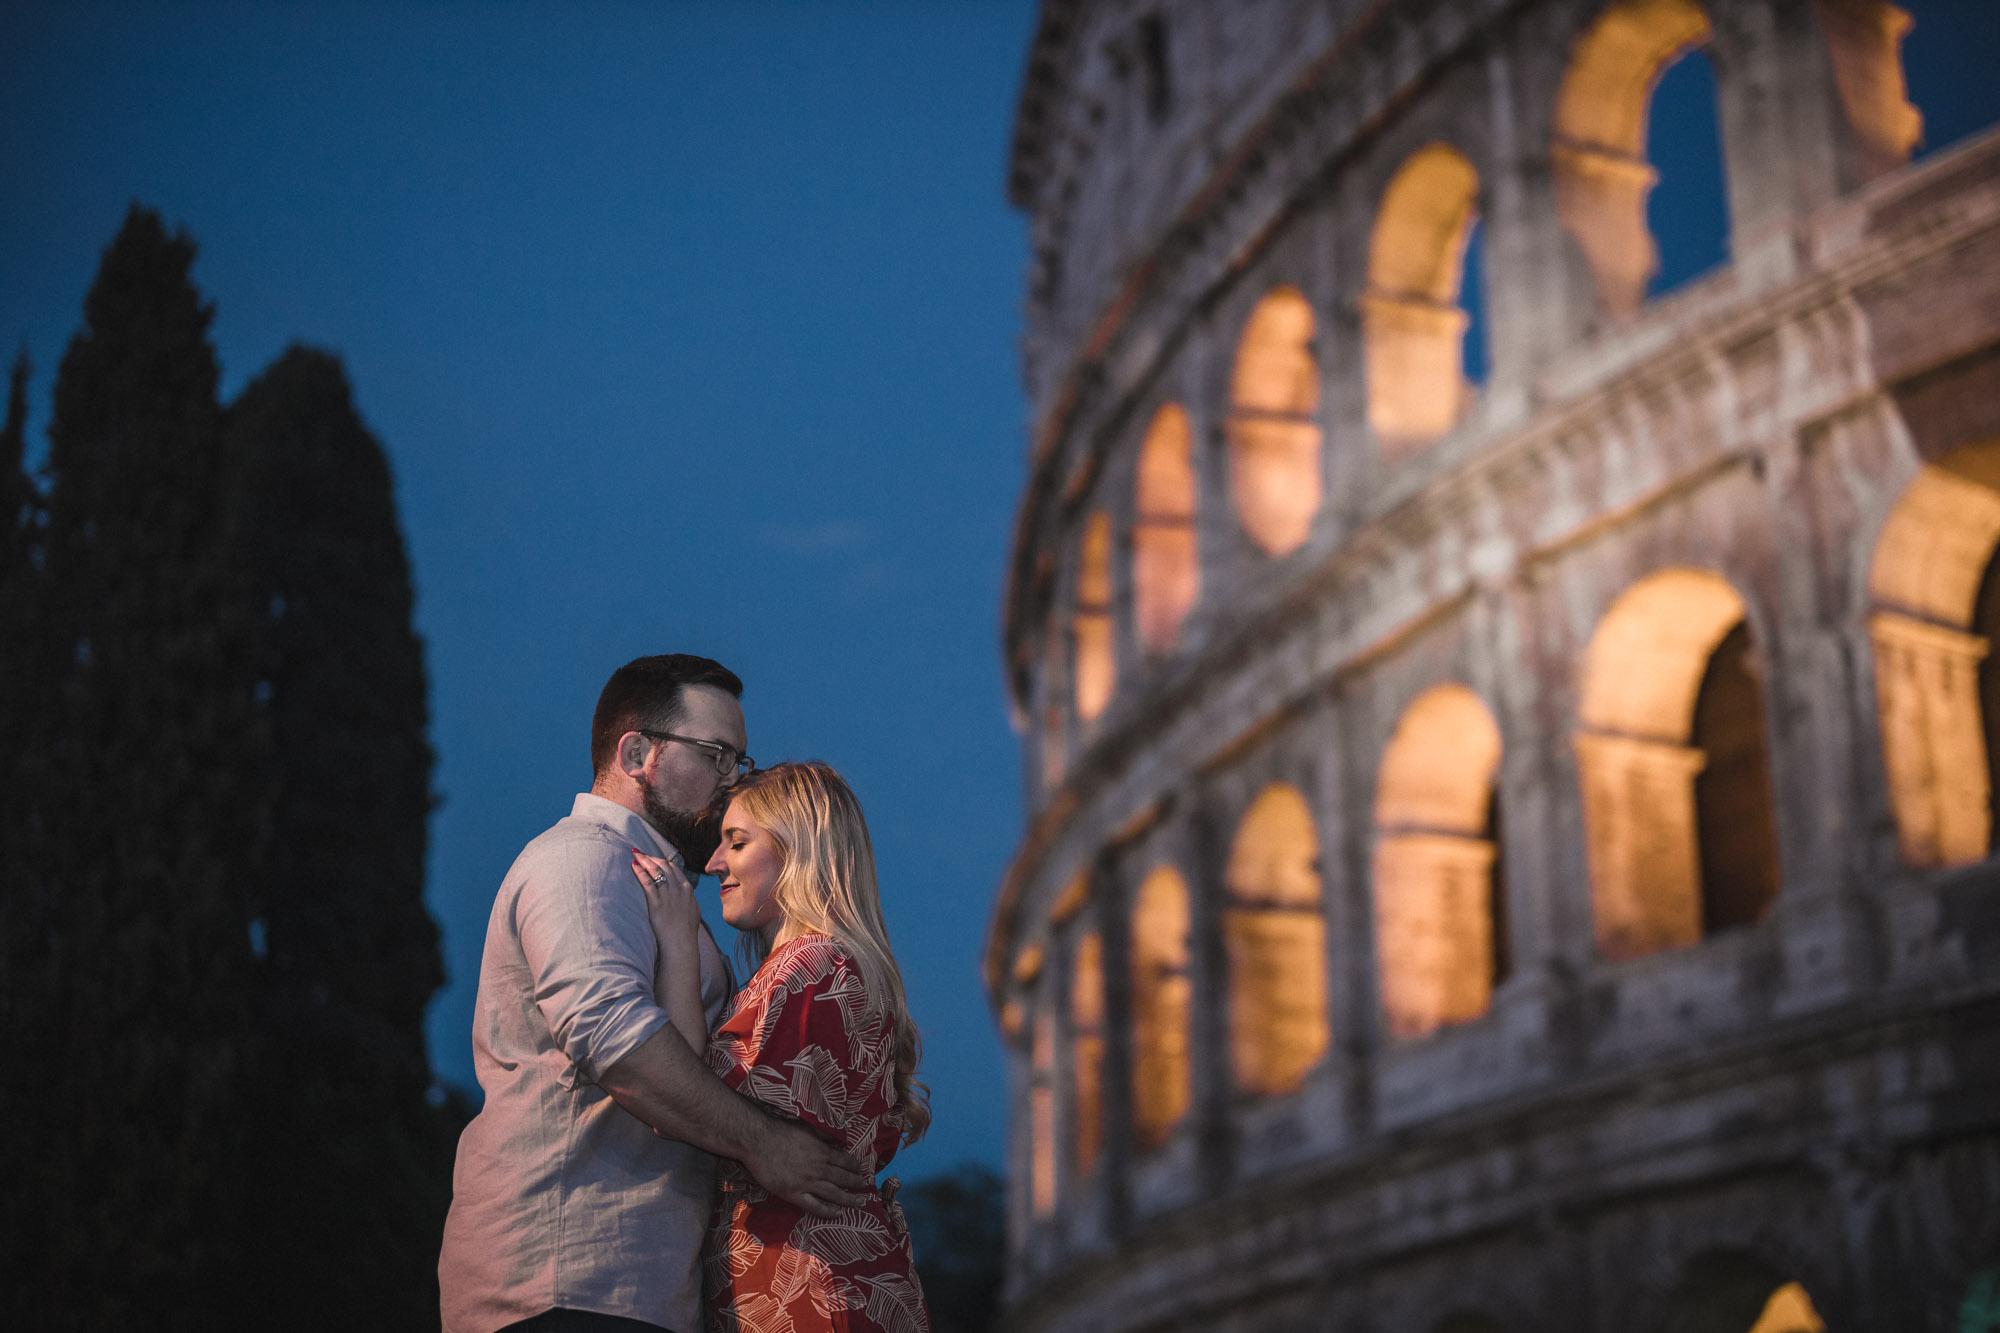 Rome_anniversary_photoshoot-1876.jpg